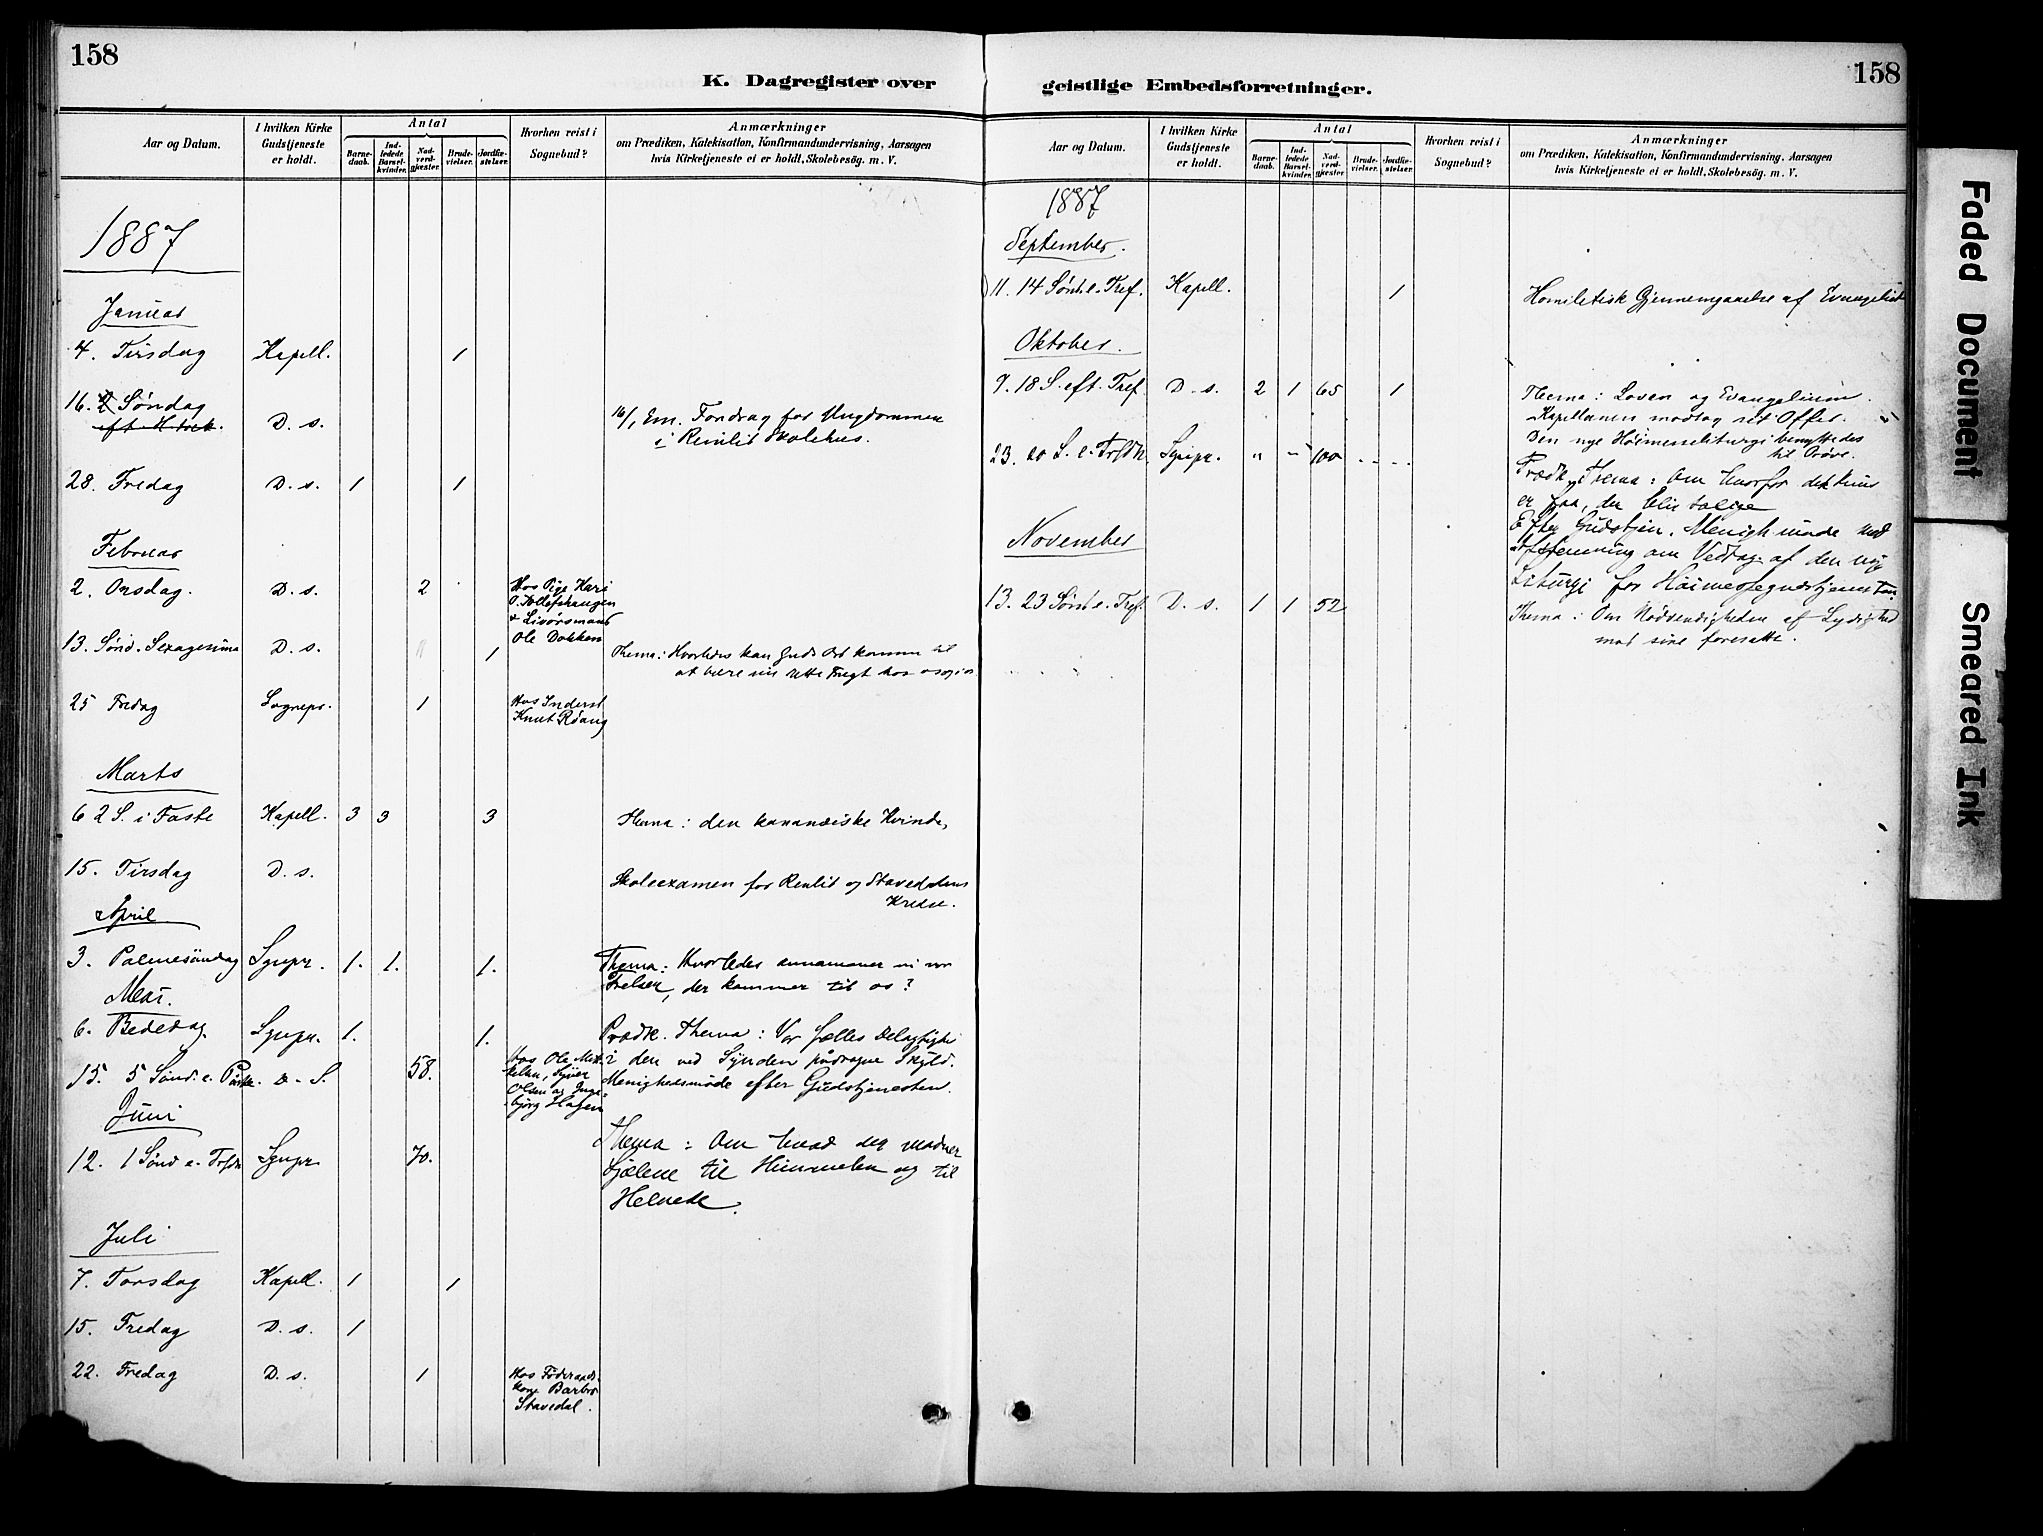 SAH, Sør-Aurdal prestekontor, Ministerialbok nr. 10, 1886-1906, s. 158